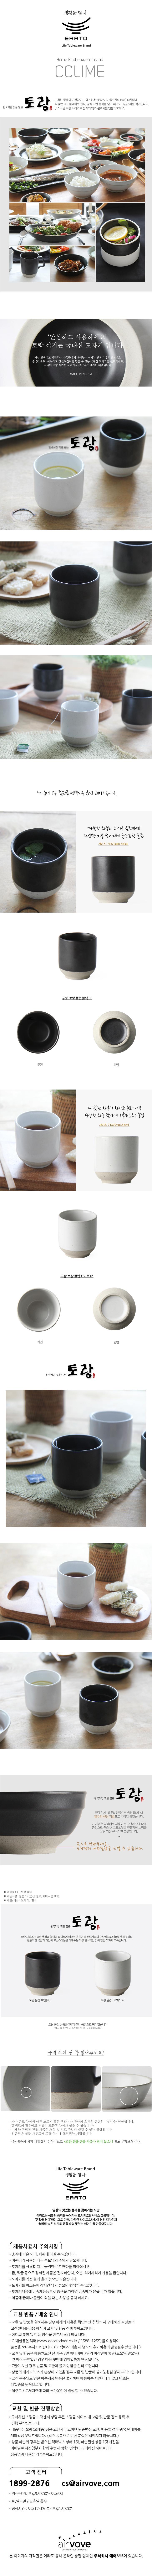 에라토 토랑 물컵 1P KB-060 - 에라토, 3,800원, 머그컵, 일러스트머그